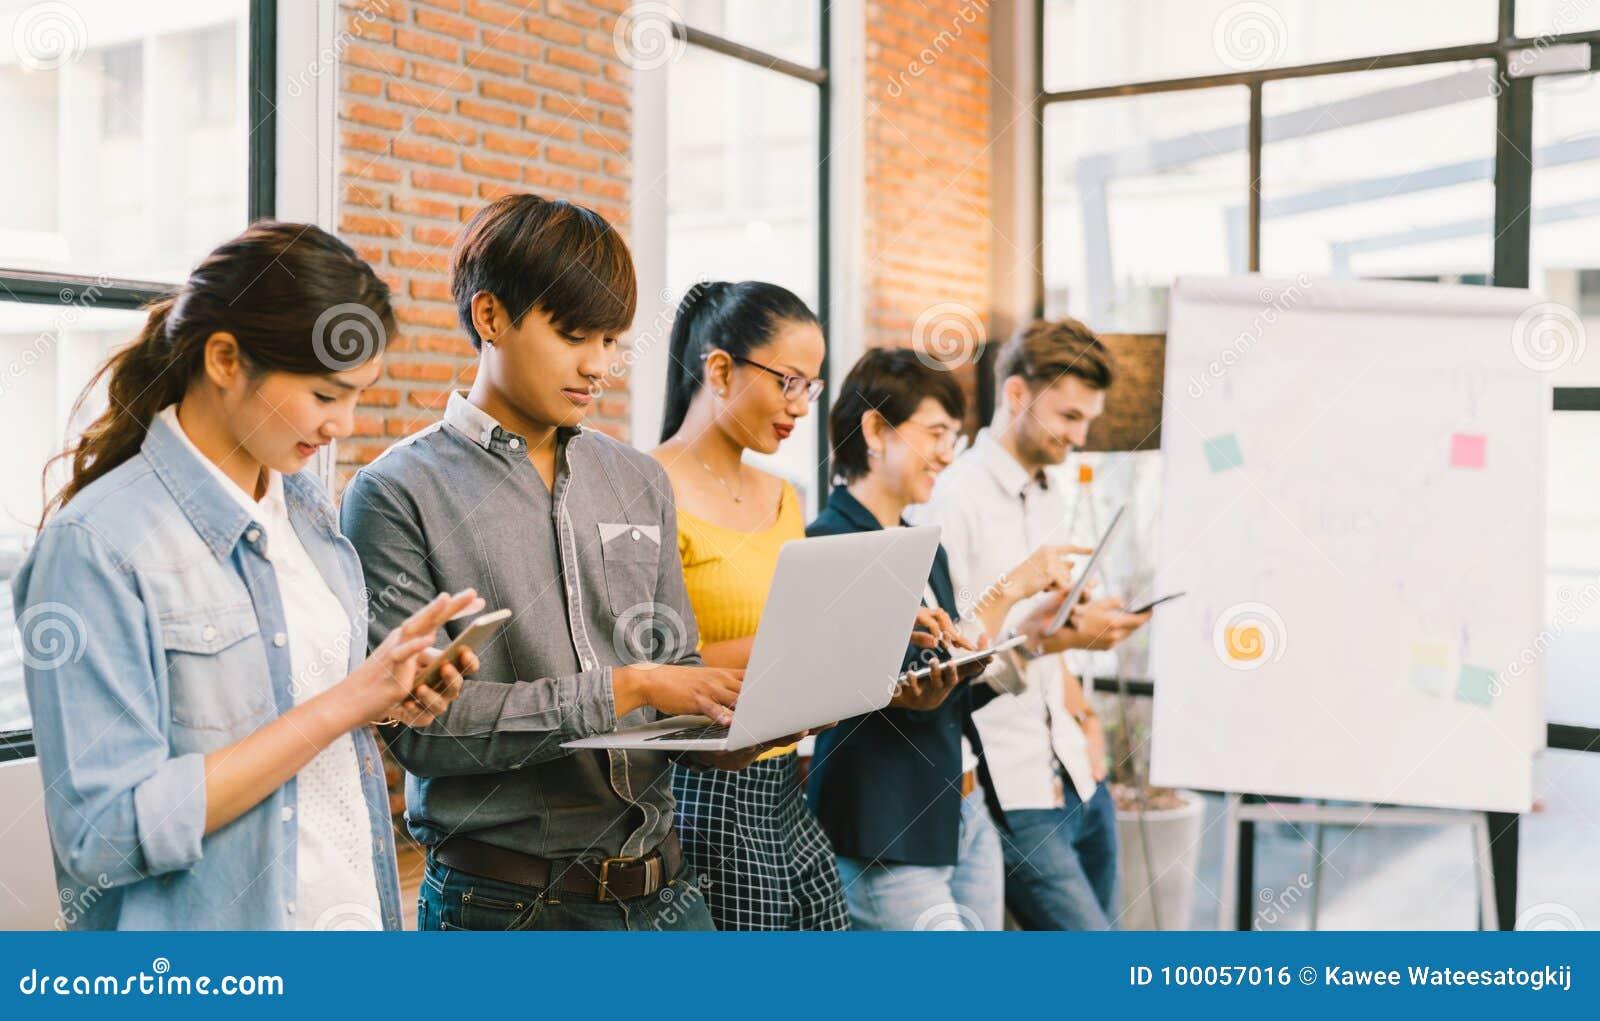 Wieloetniczna różnorodna grupa szczęśliwy młody dorosły używa technologie informacyjne gadżetu przyrząda wpólnie pojęcia leżanki